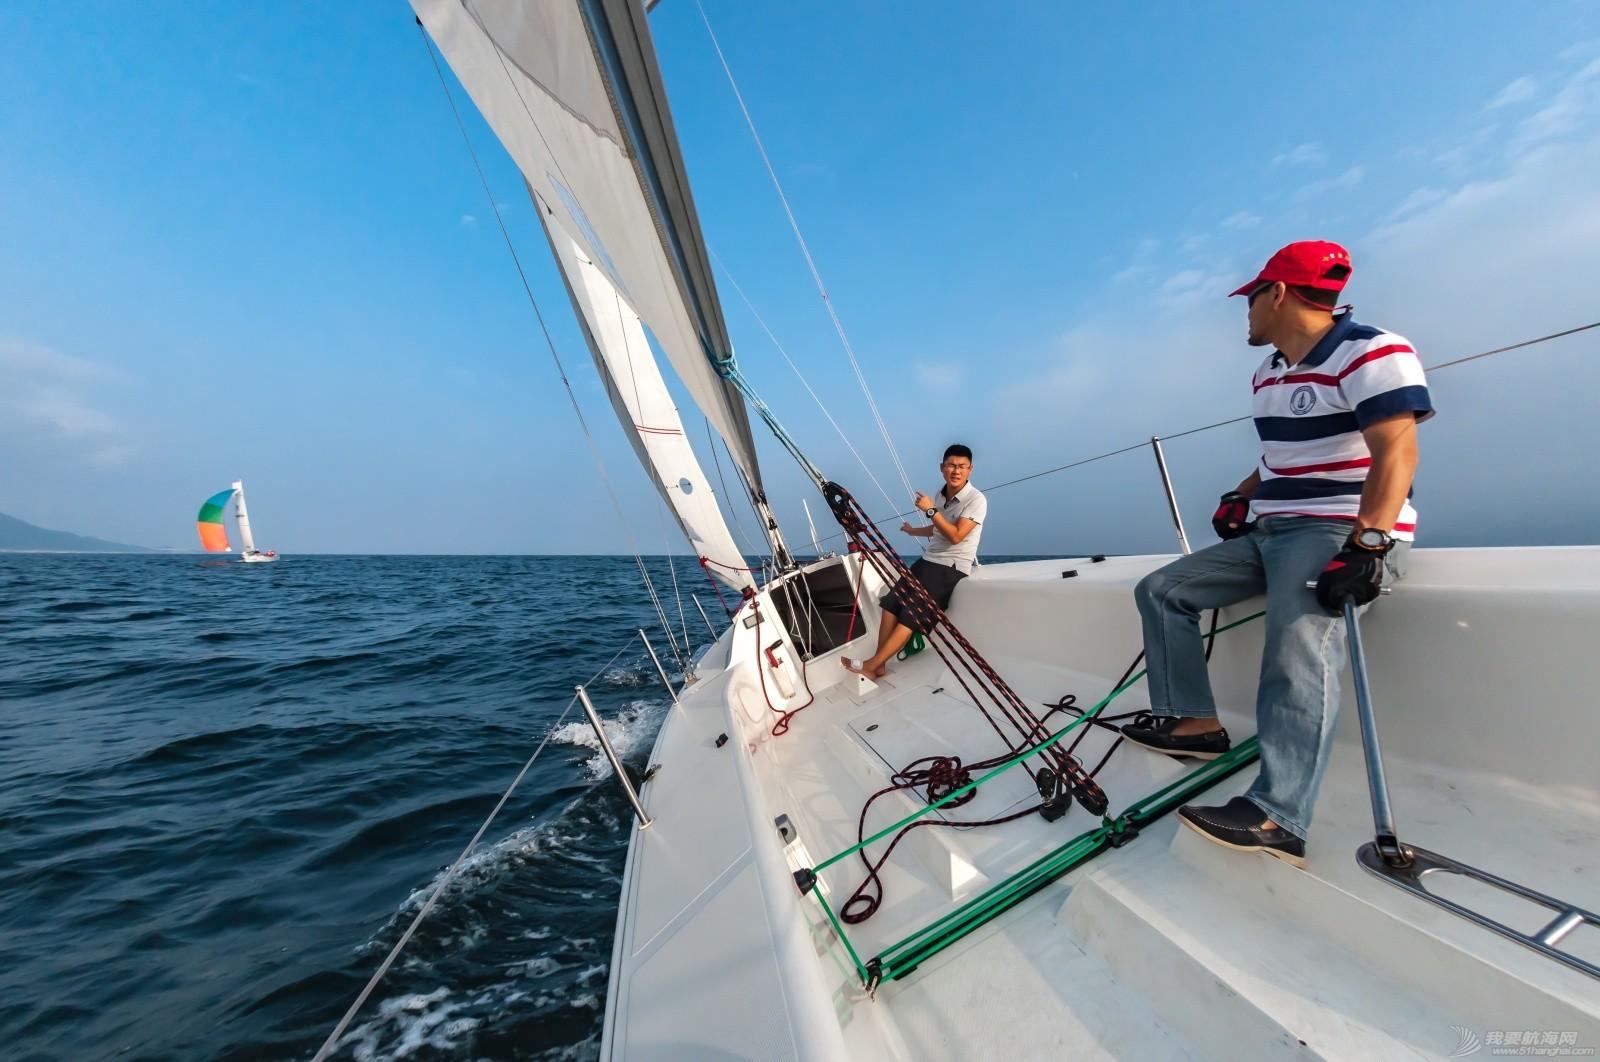 帆船 【2015大鹏杯帆船赛】鱼眼看航海 16032.jpg